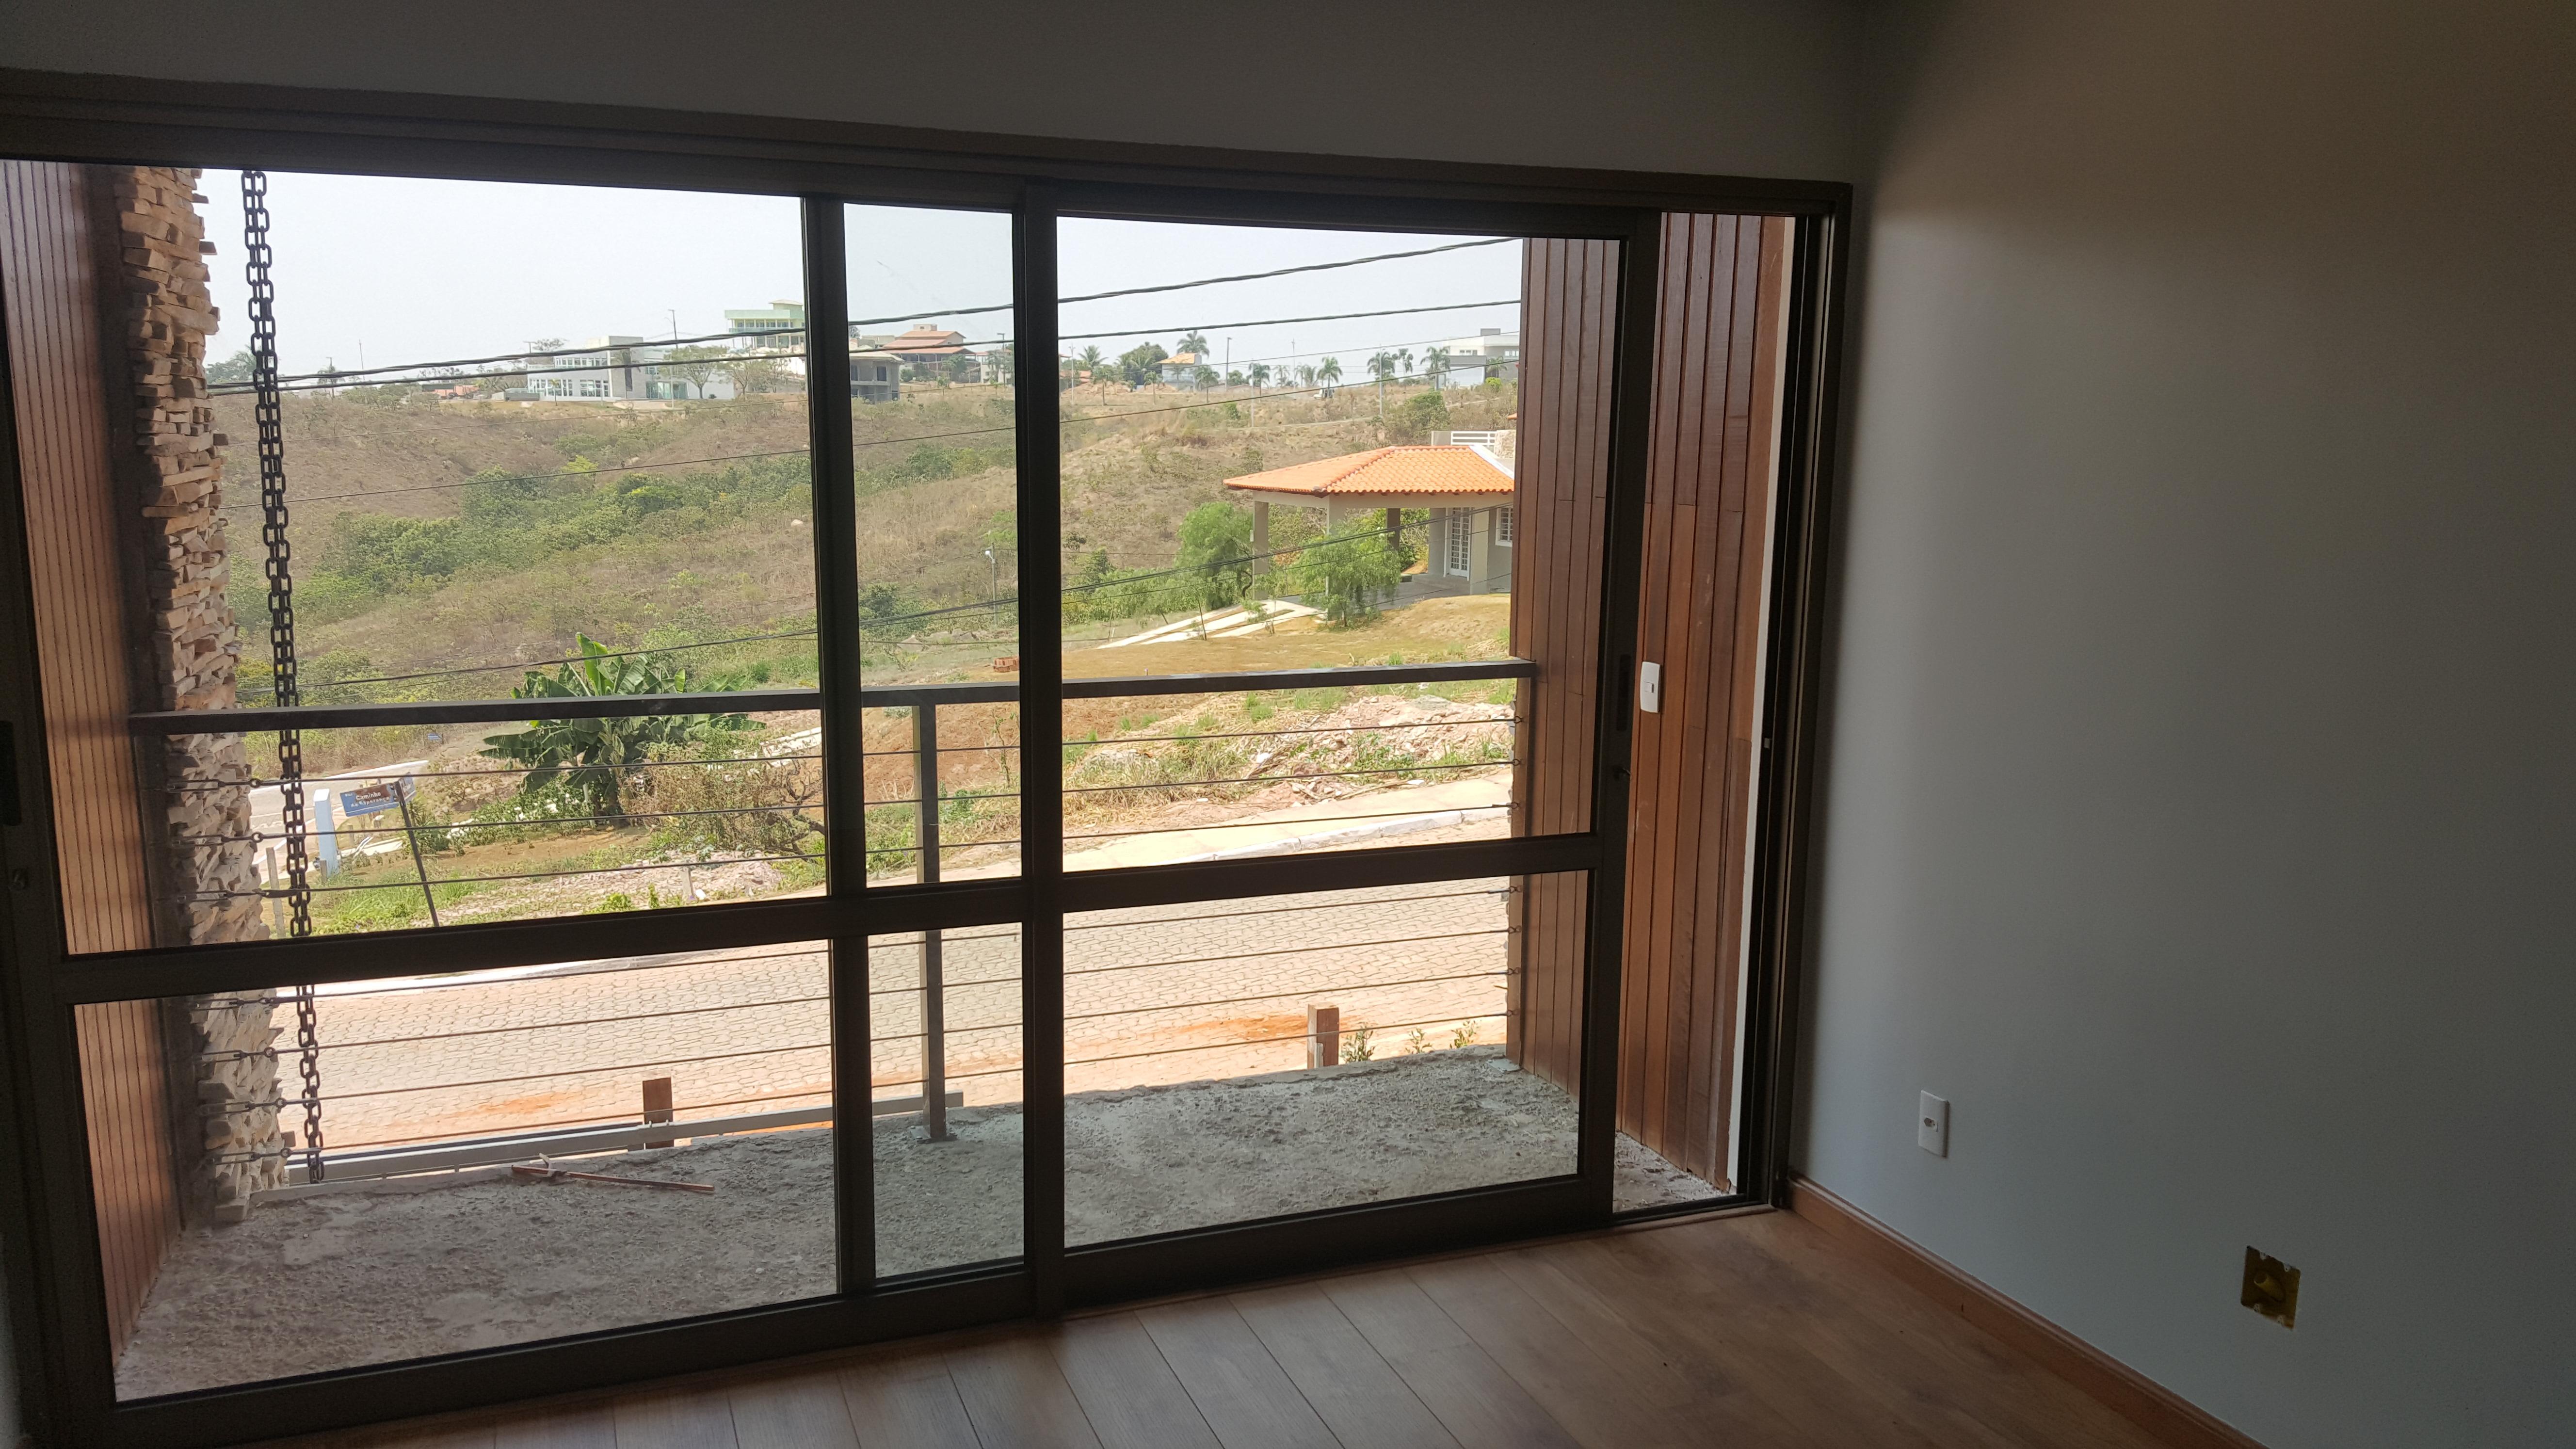 Empresa_de_Construção_em_Brasilia,_Distrito_Federal_-_DF_(18)